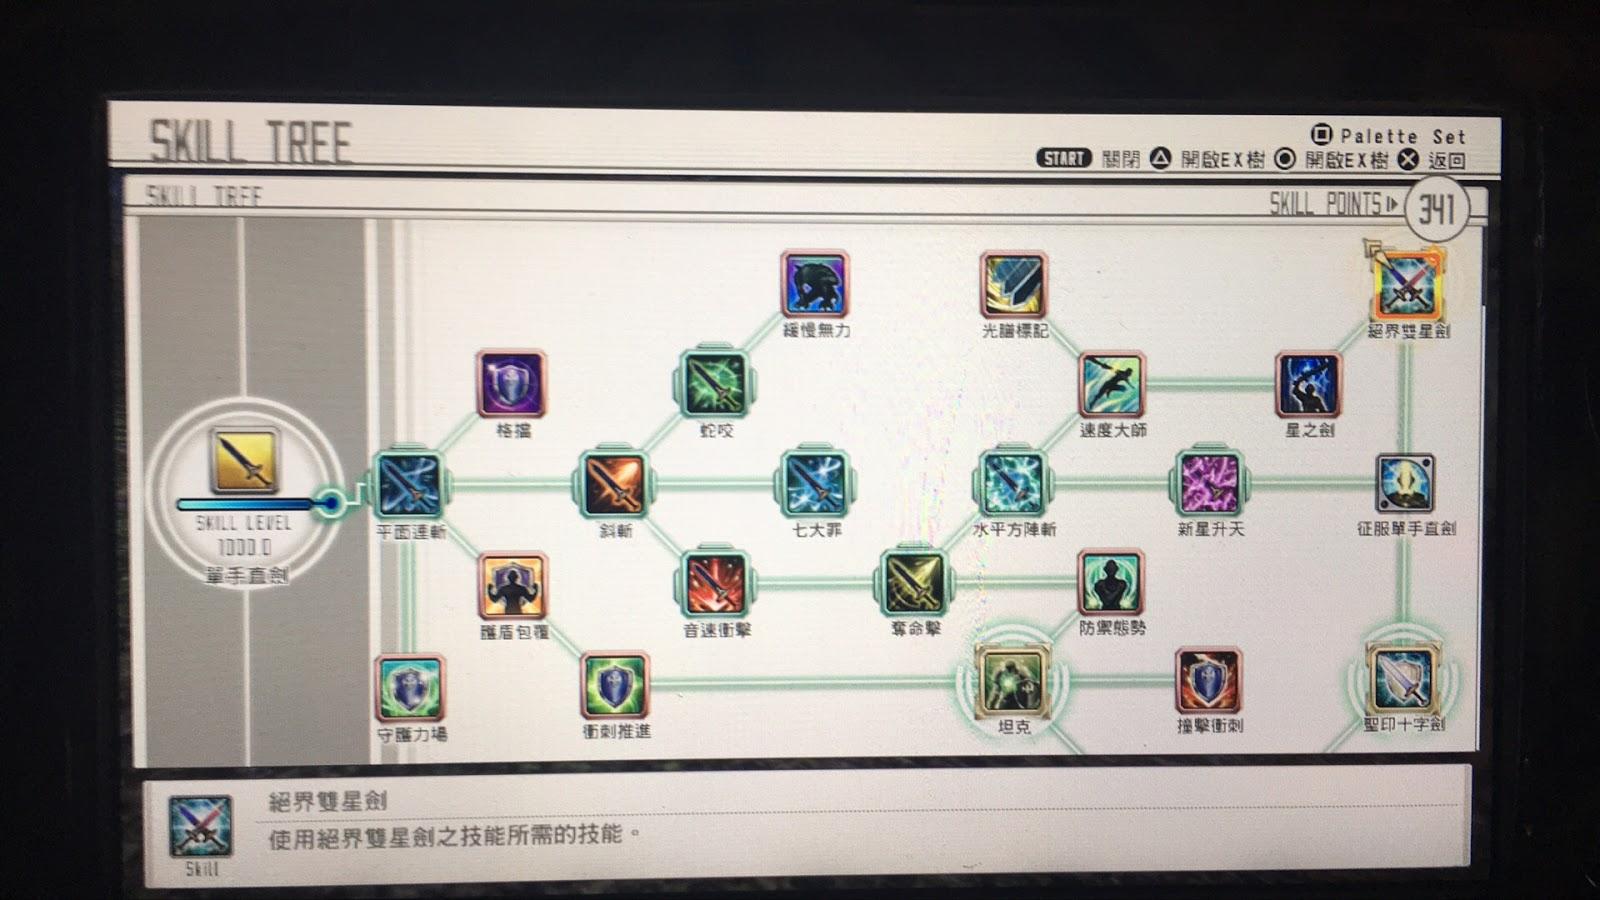 刀劍神域 虛空幻界 各武器刷熟練度技巧   娛樂計程車